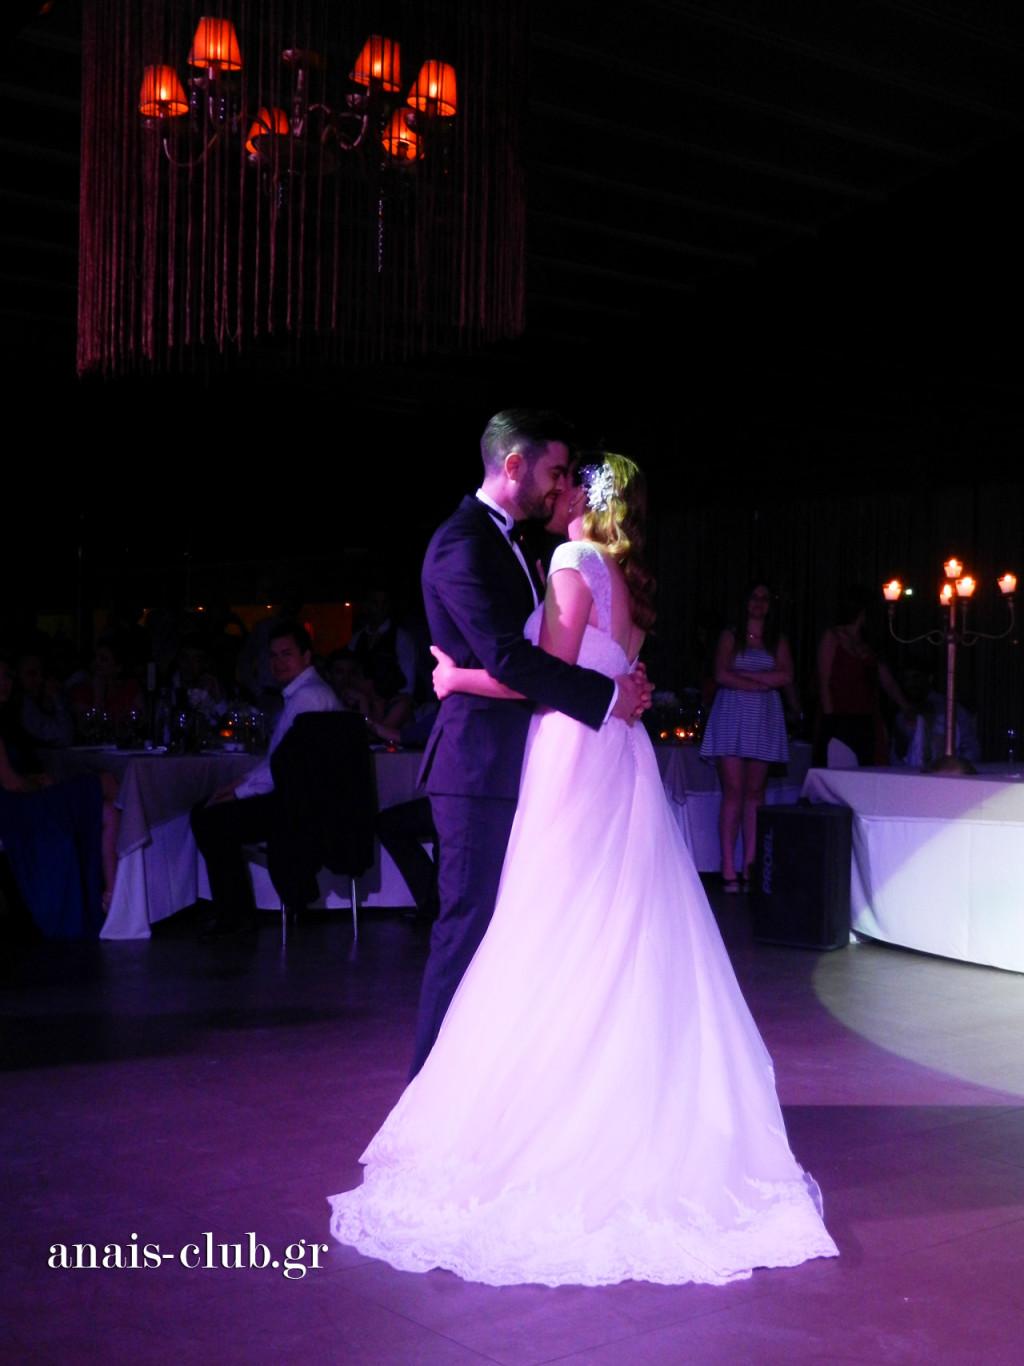 Ο πρώτος χορός του ζευγαριού έχει μεγάλη σημασία και ιδιαίτερο νόημα για κάθε ζευγάρι